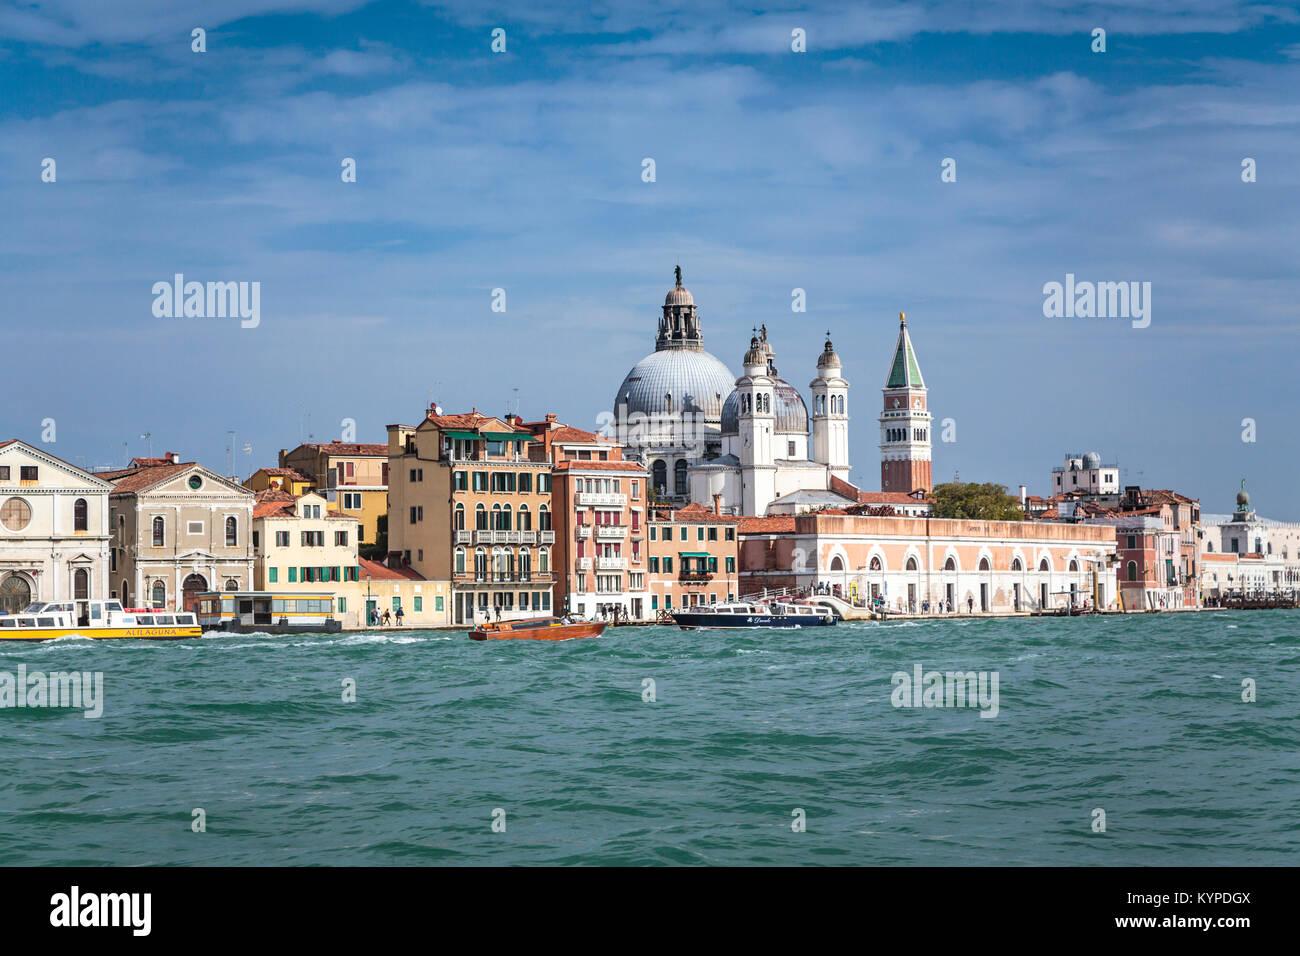 Der Heiligen Maria des Rosenkranzes Kirche in Veneto, Venedig, Italien, Europa. Stockbild